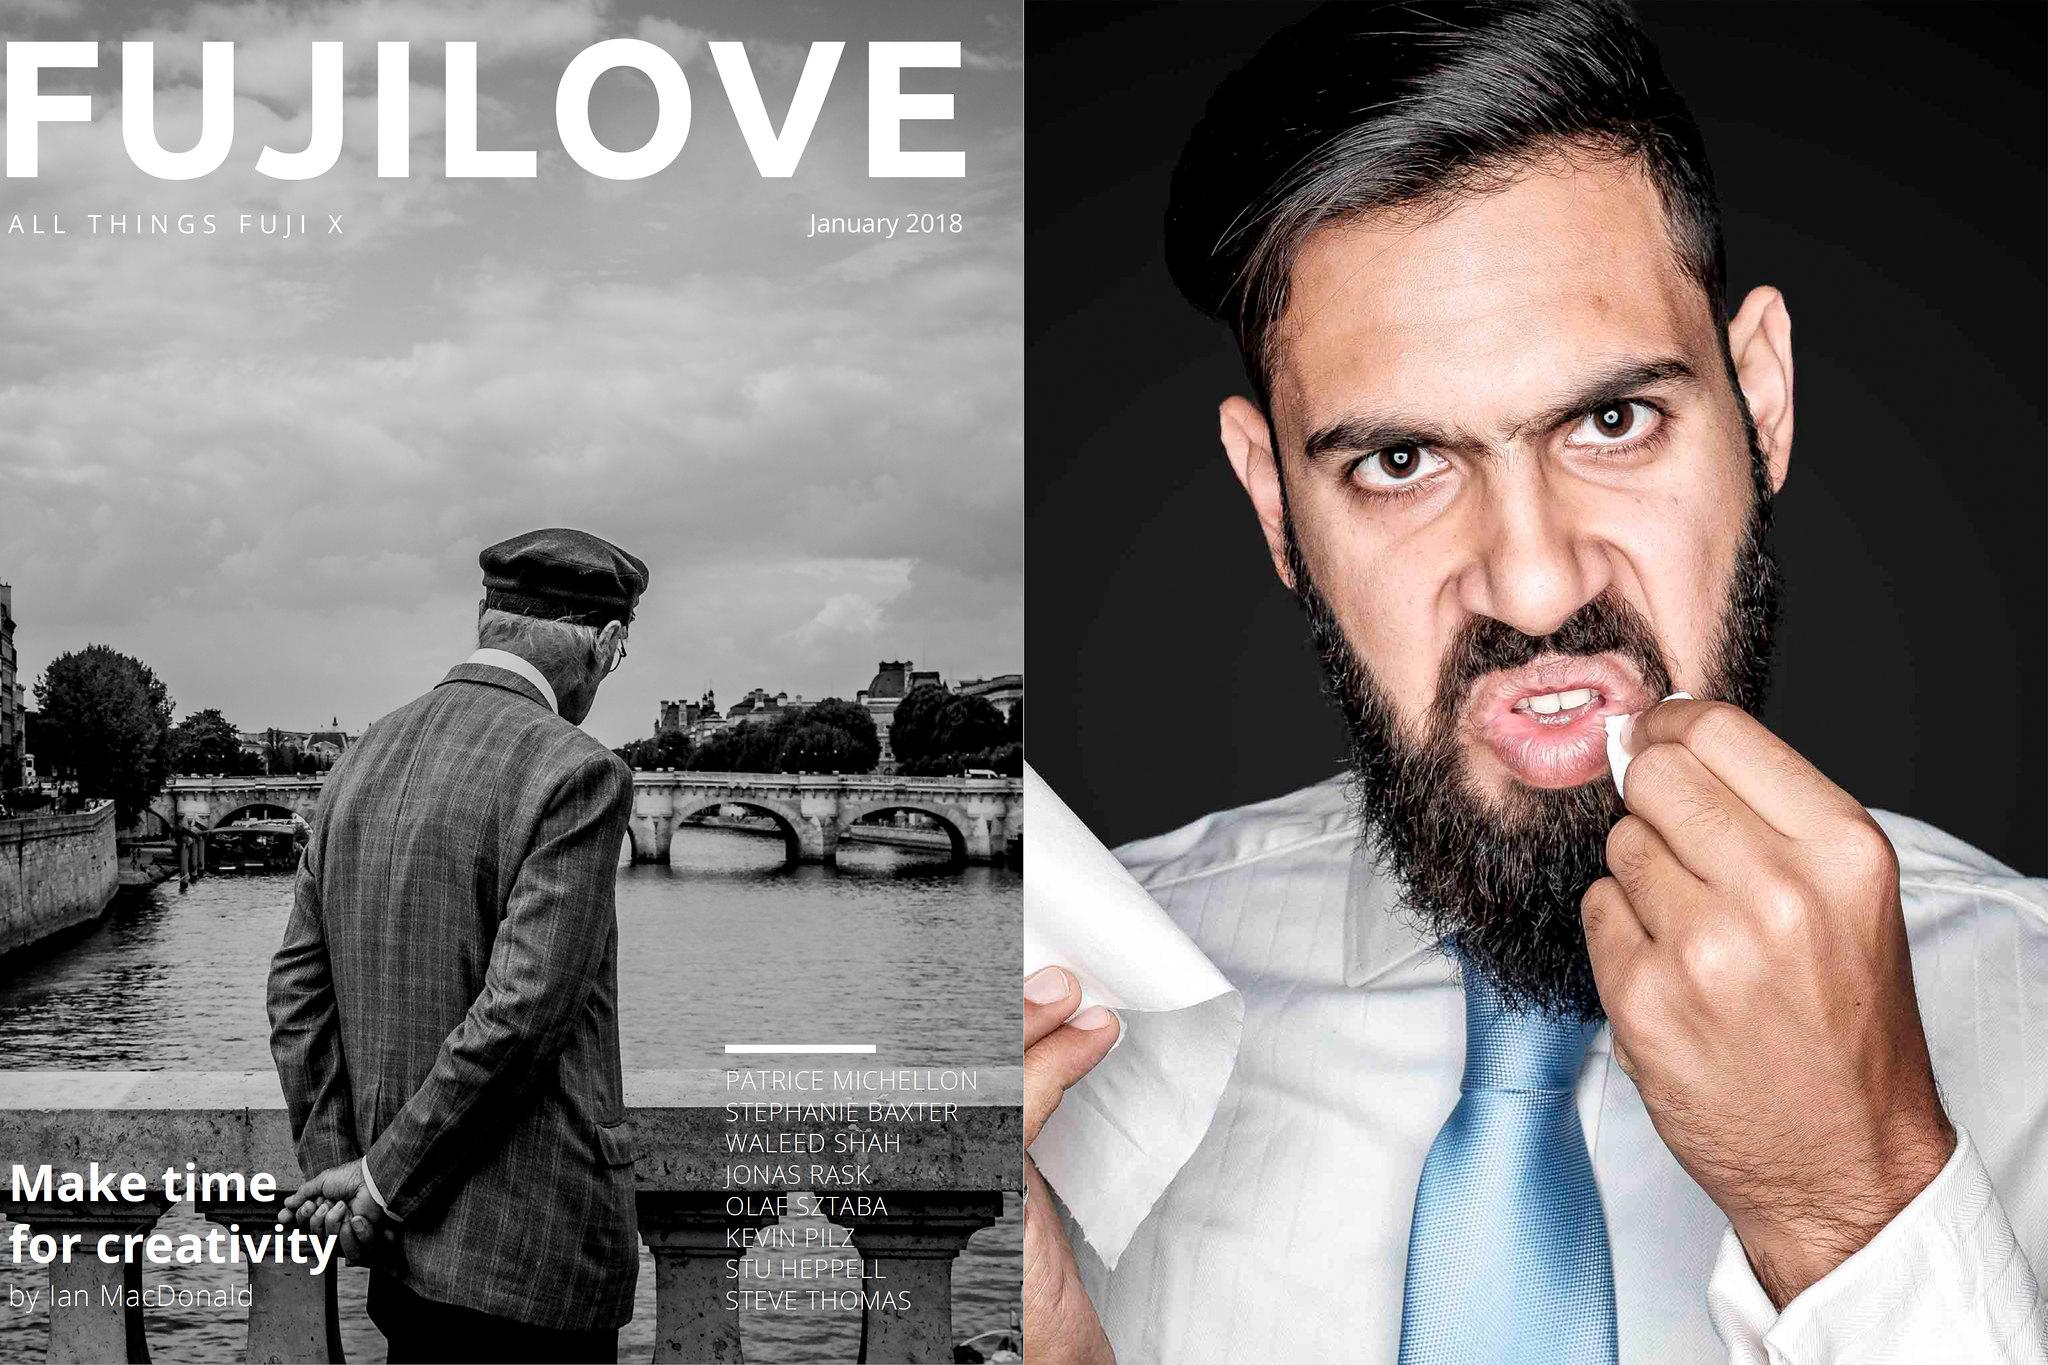 Fujilove cover photo